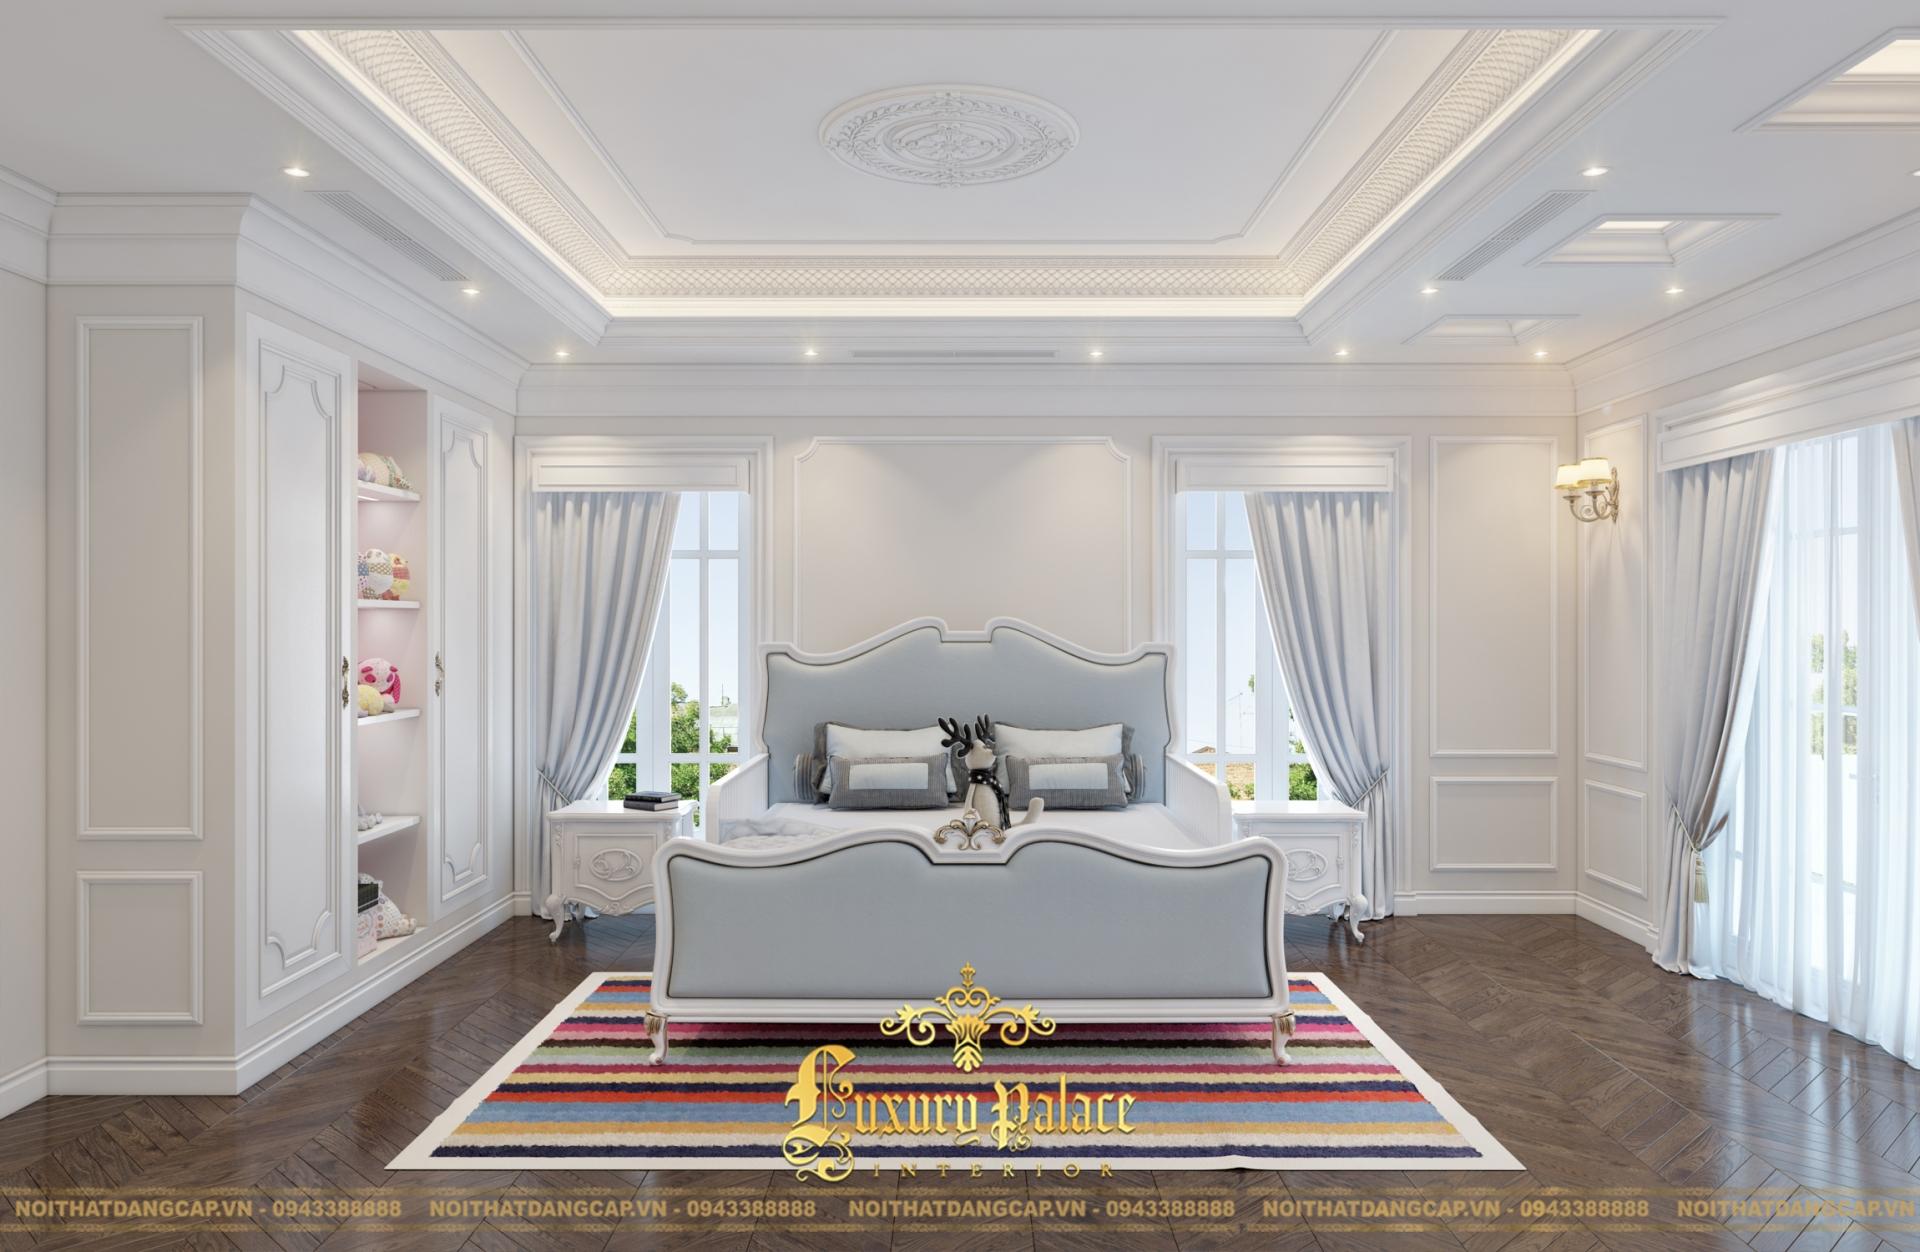 Mẫu thiết kế phòng ngủ phong cách tân cổ điển châu Âu 2